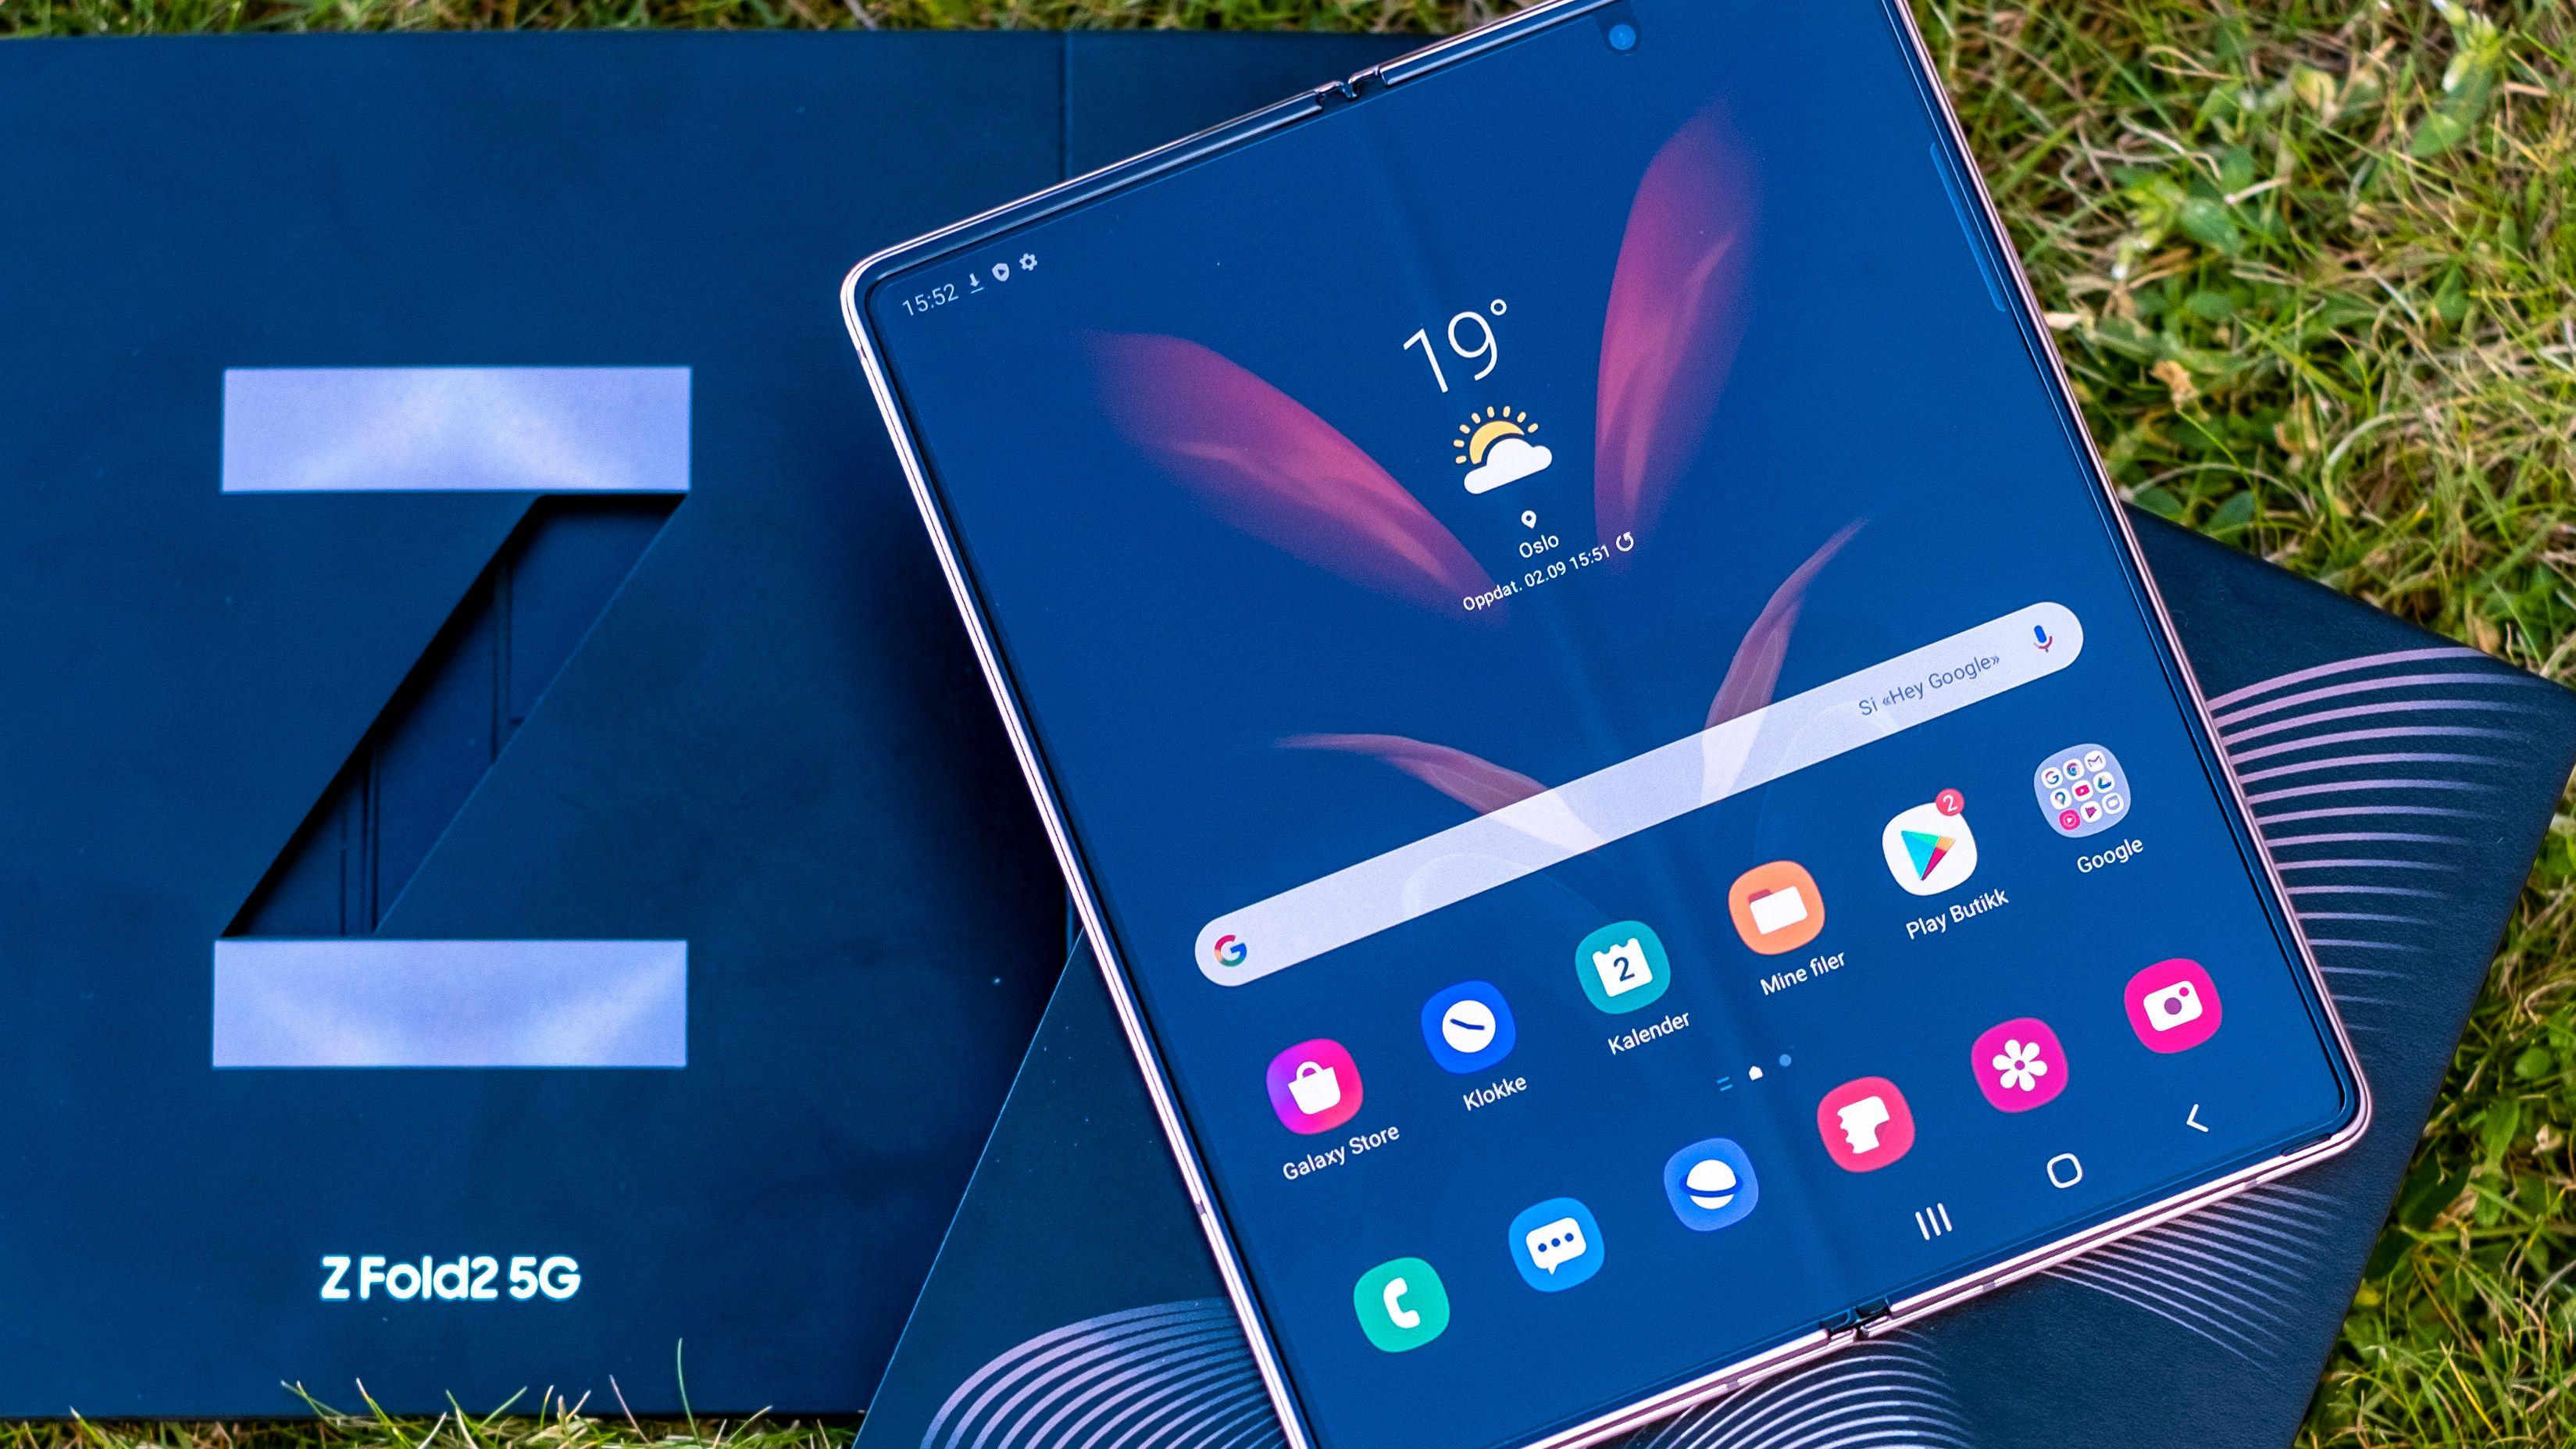 Samsungs nye Galaxy Z Fold2 er akkurat lansert. Hverken innpakning eller telefon levner noen tvil om at dette forsøksvis er eksklusive greier. Om det lever opp til hypen får vi vite i løpe av noen dagers test.